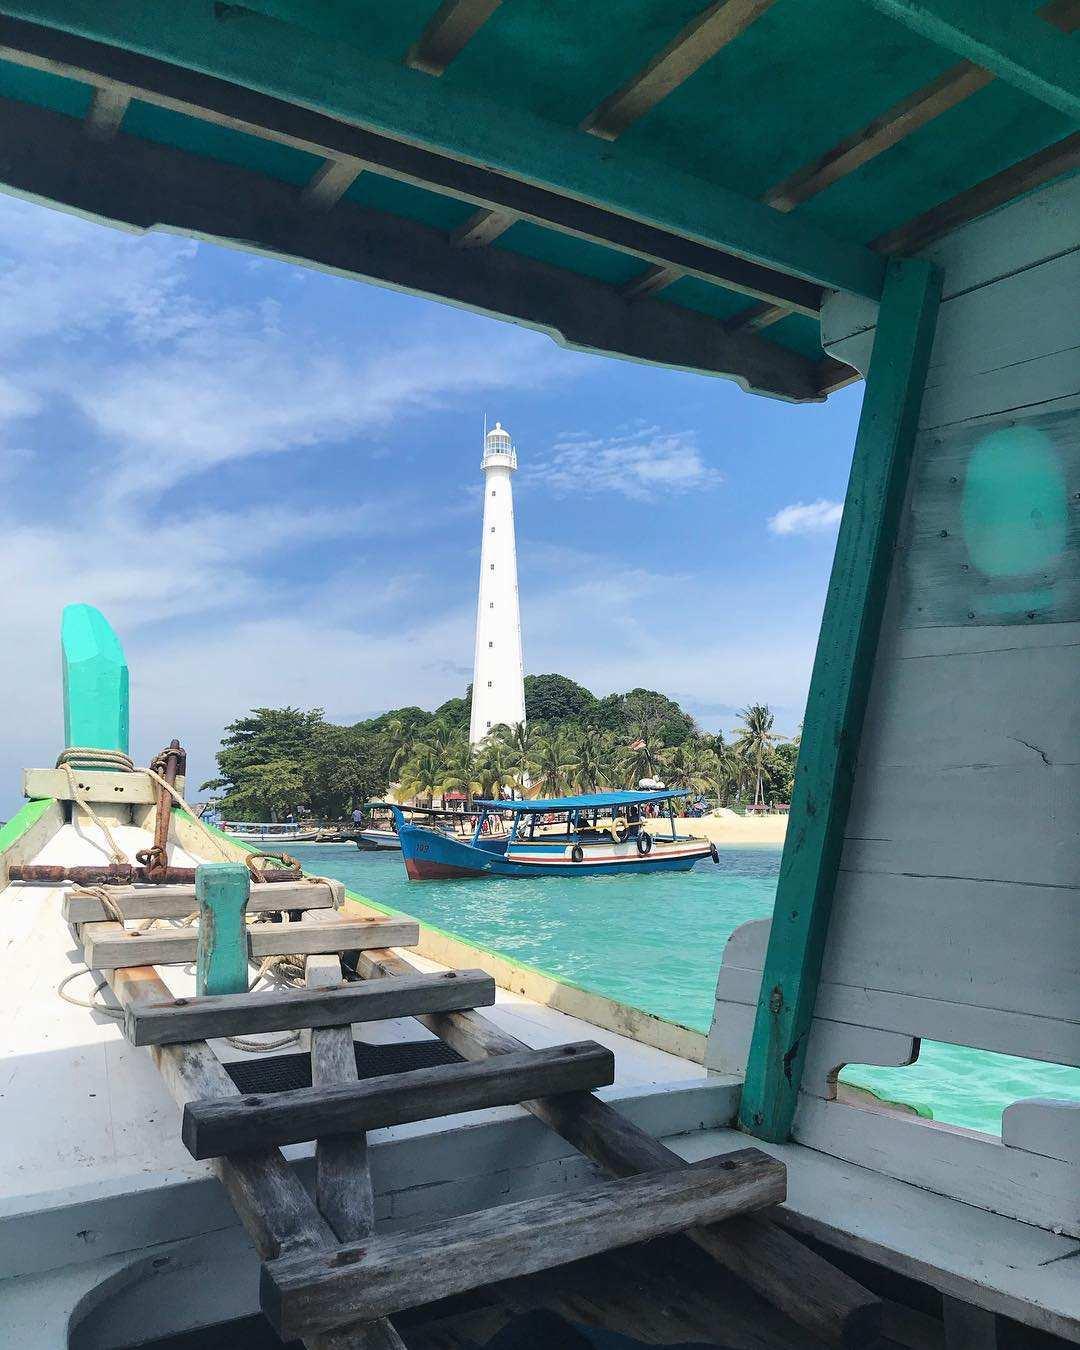 Foto Pulau Lengkuas Dari Kapal, Images From @nizbits